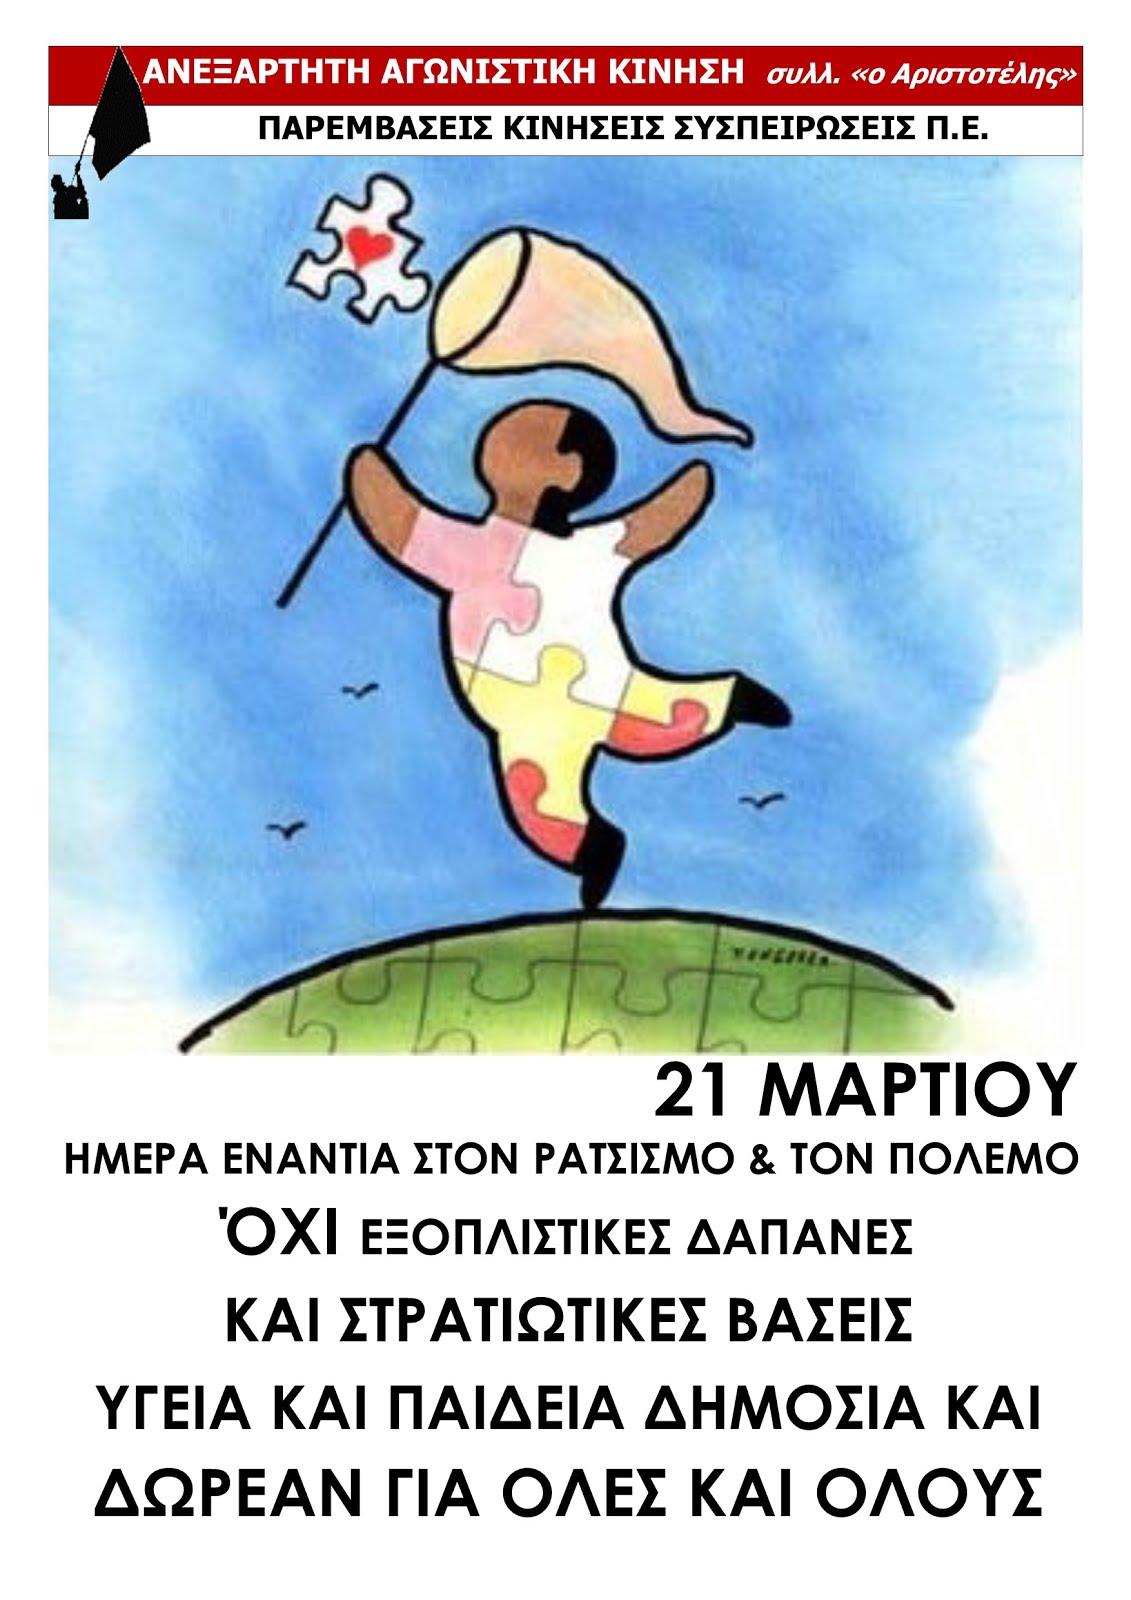 21 Μαρτίου - Ημέρα ενάντια σε ρατσισμό και πόλεμο